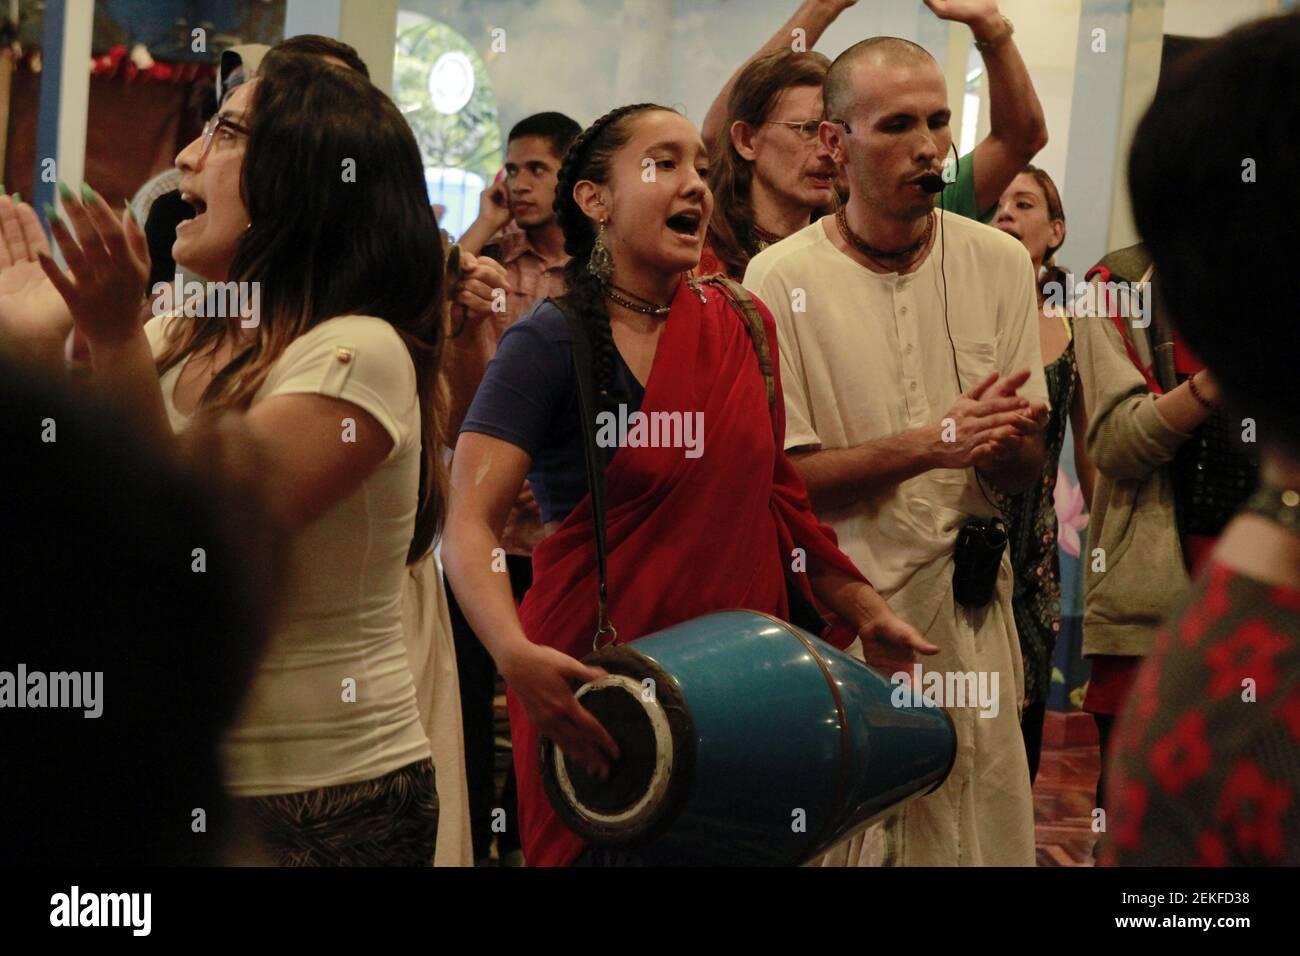 Les adeptes et les croyants de Krishna chantent et dansent lors de la célébration du festival Radhastami au Centre culturel Casa Vrinda à Caracas, au Venezuela, aujourd'hui, le 25 août 2020. Le festival marque l'anniversaire de la naissance du consort de Krishna, Radharani. (Photo par Bernardo Suarez / INA photo Agency / Sipa USA) Banque D'Images